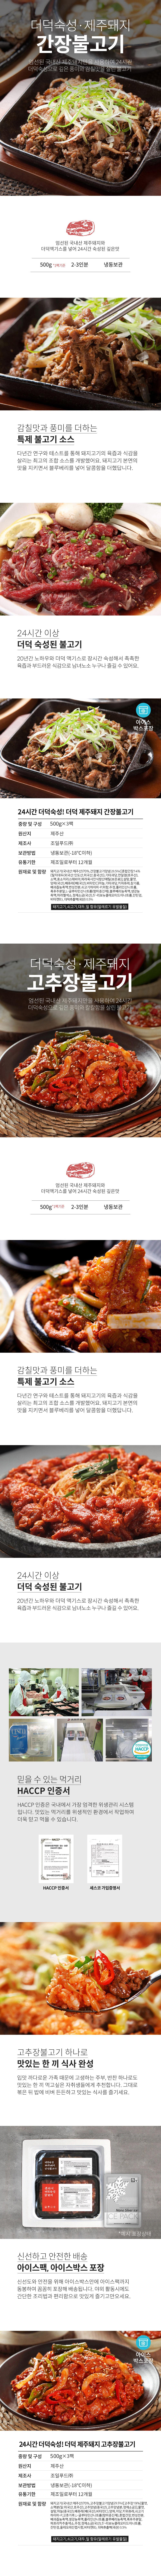 oulssumfood_kanjangbulgogi900g_gochujang900g.jpg